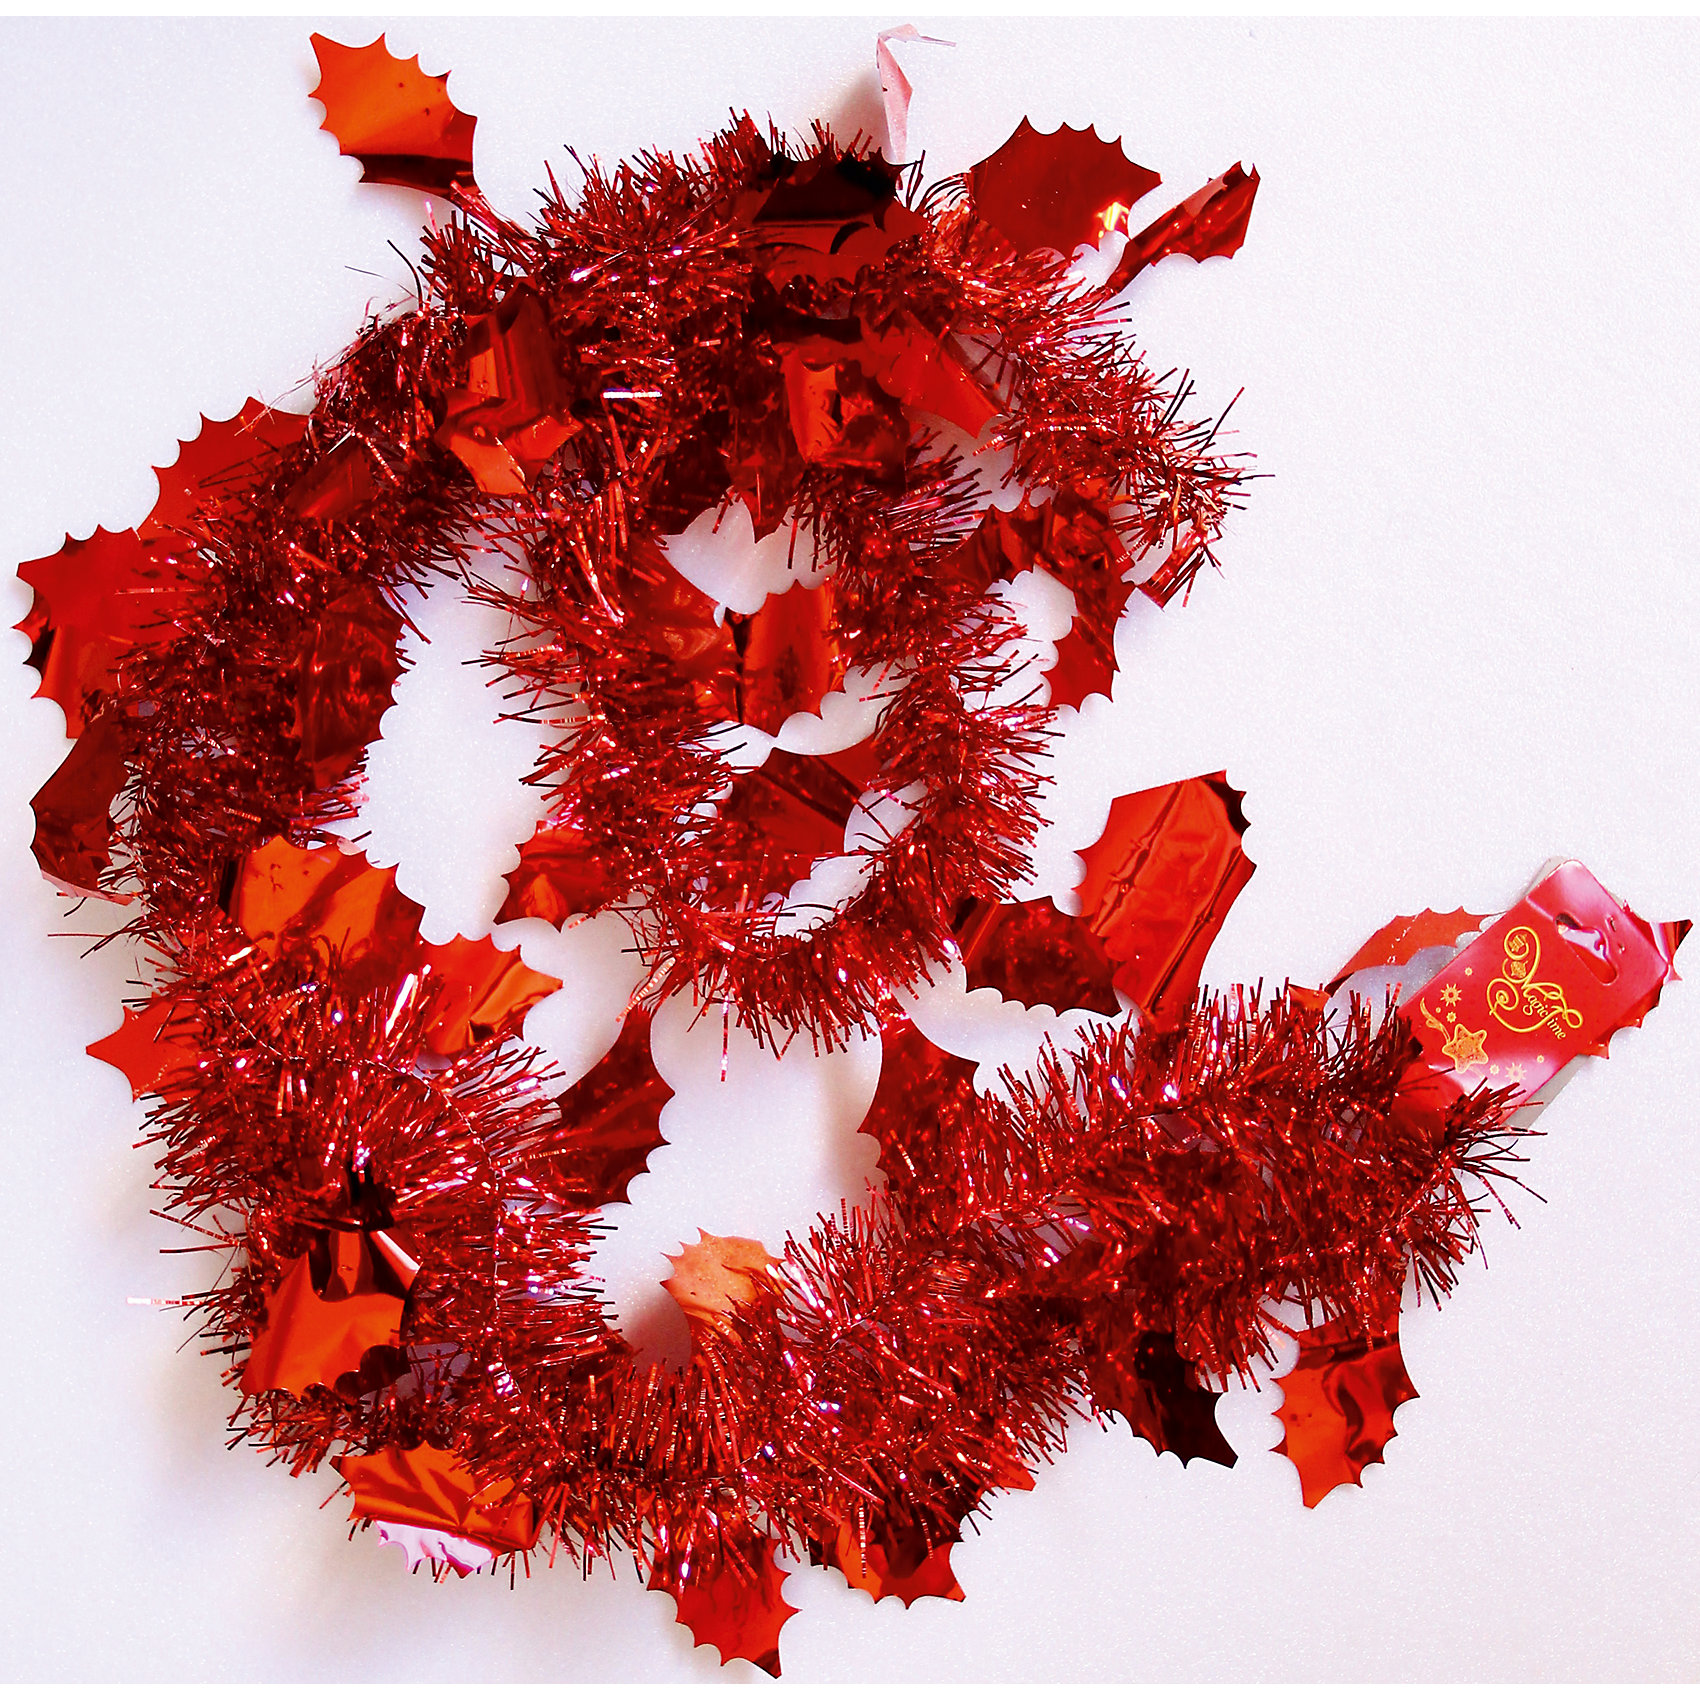 Мишура Красный 6*200 смМишура в красном цвете отлично подойдет для украшения к новому году. Блеск мишуры создает приятную новогоднюю атмосферу.  Она не будет сыпаться, поэтому останется яркой и блестящей и будет радовать вас ещё не один год. <br><br>Характеристика:<br>-Размер: 6 м 200 см<br>-Цвет: красный<br>-Арт.: 34899<br><br>Мишуру Красный можно приобрести в нашем интернет-магазине.<br><br>Ширина мм: 100<br>Глубина мм: 100<br>Высота мм: 60<br>Вес г: 14<br>Возраст от месяцев: 36<br>Возраст до месяцев: 2147483647<br>Пол: Унисекс<br>Возраст: Детский<br>SKU: 4981443